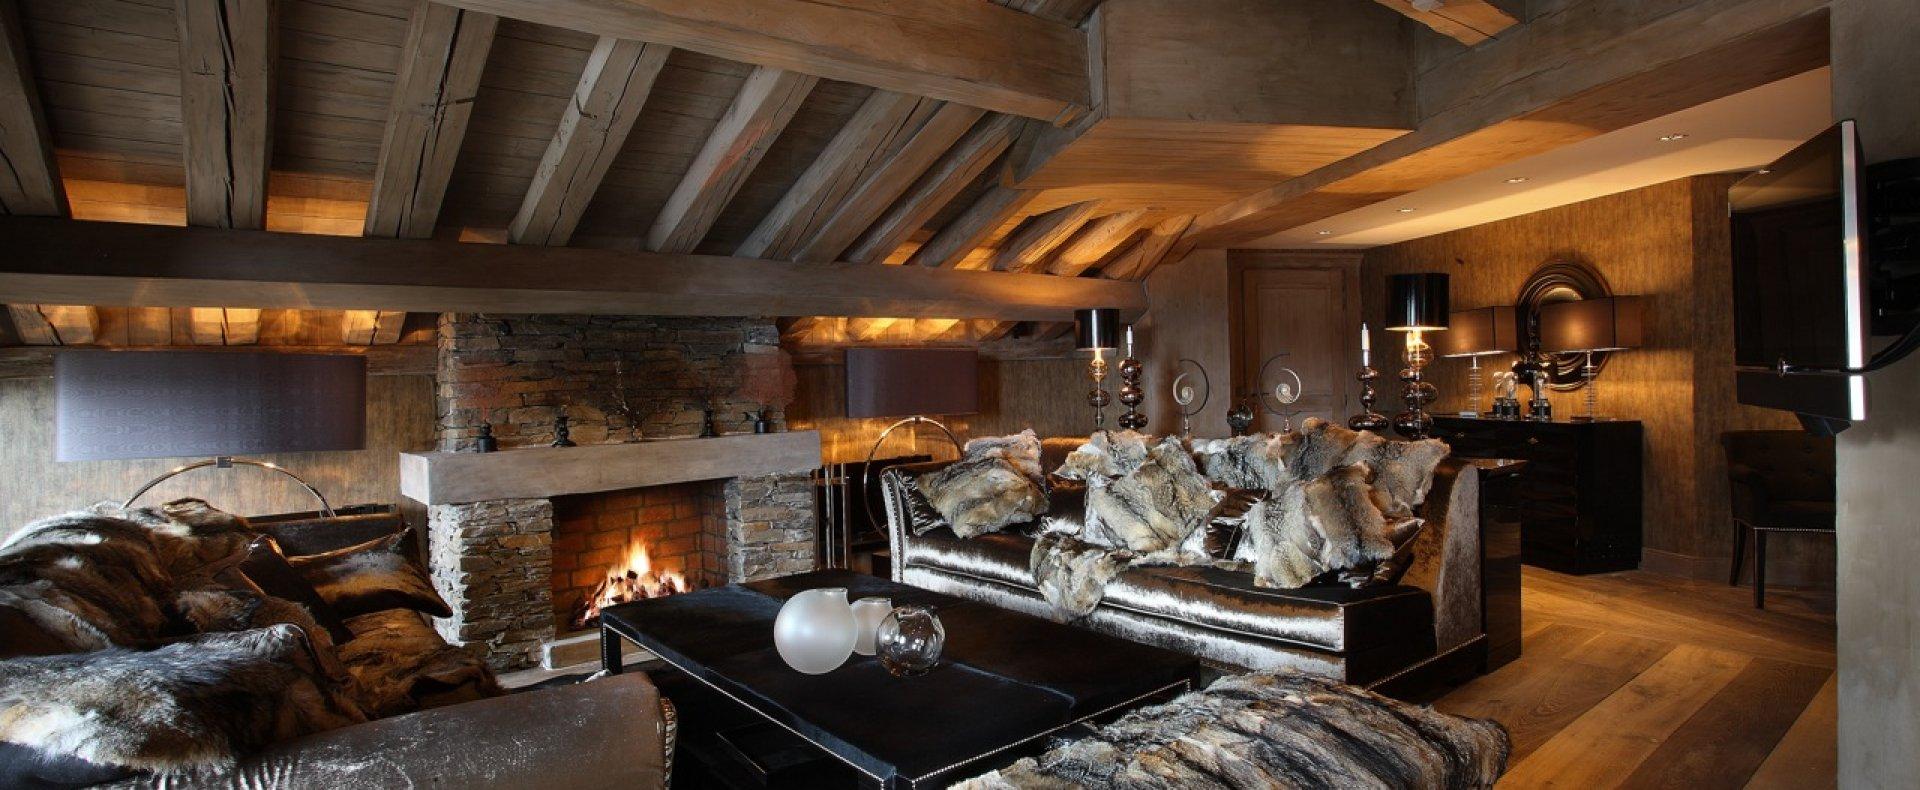 luxury chalet atlantique courchevel 1850 france luxury ski chalets ultimate luxury chalets